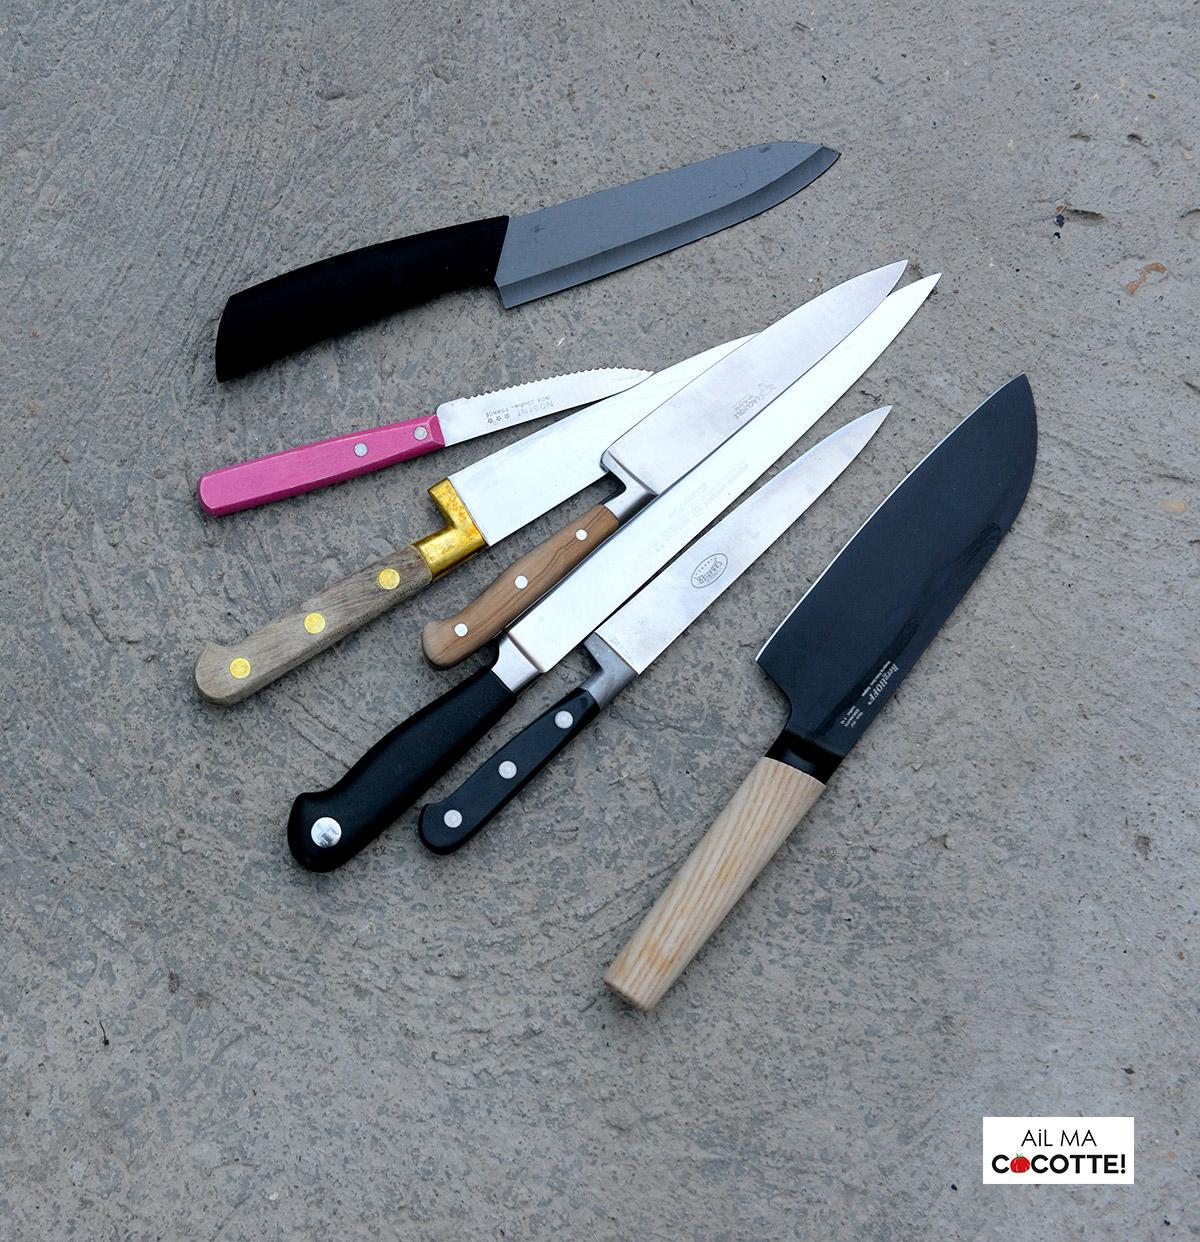 Un set de bons couteaux